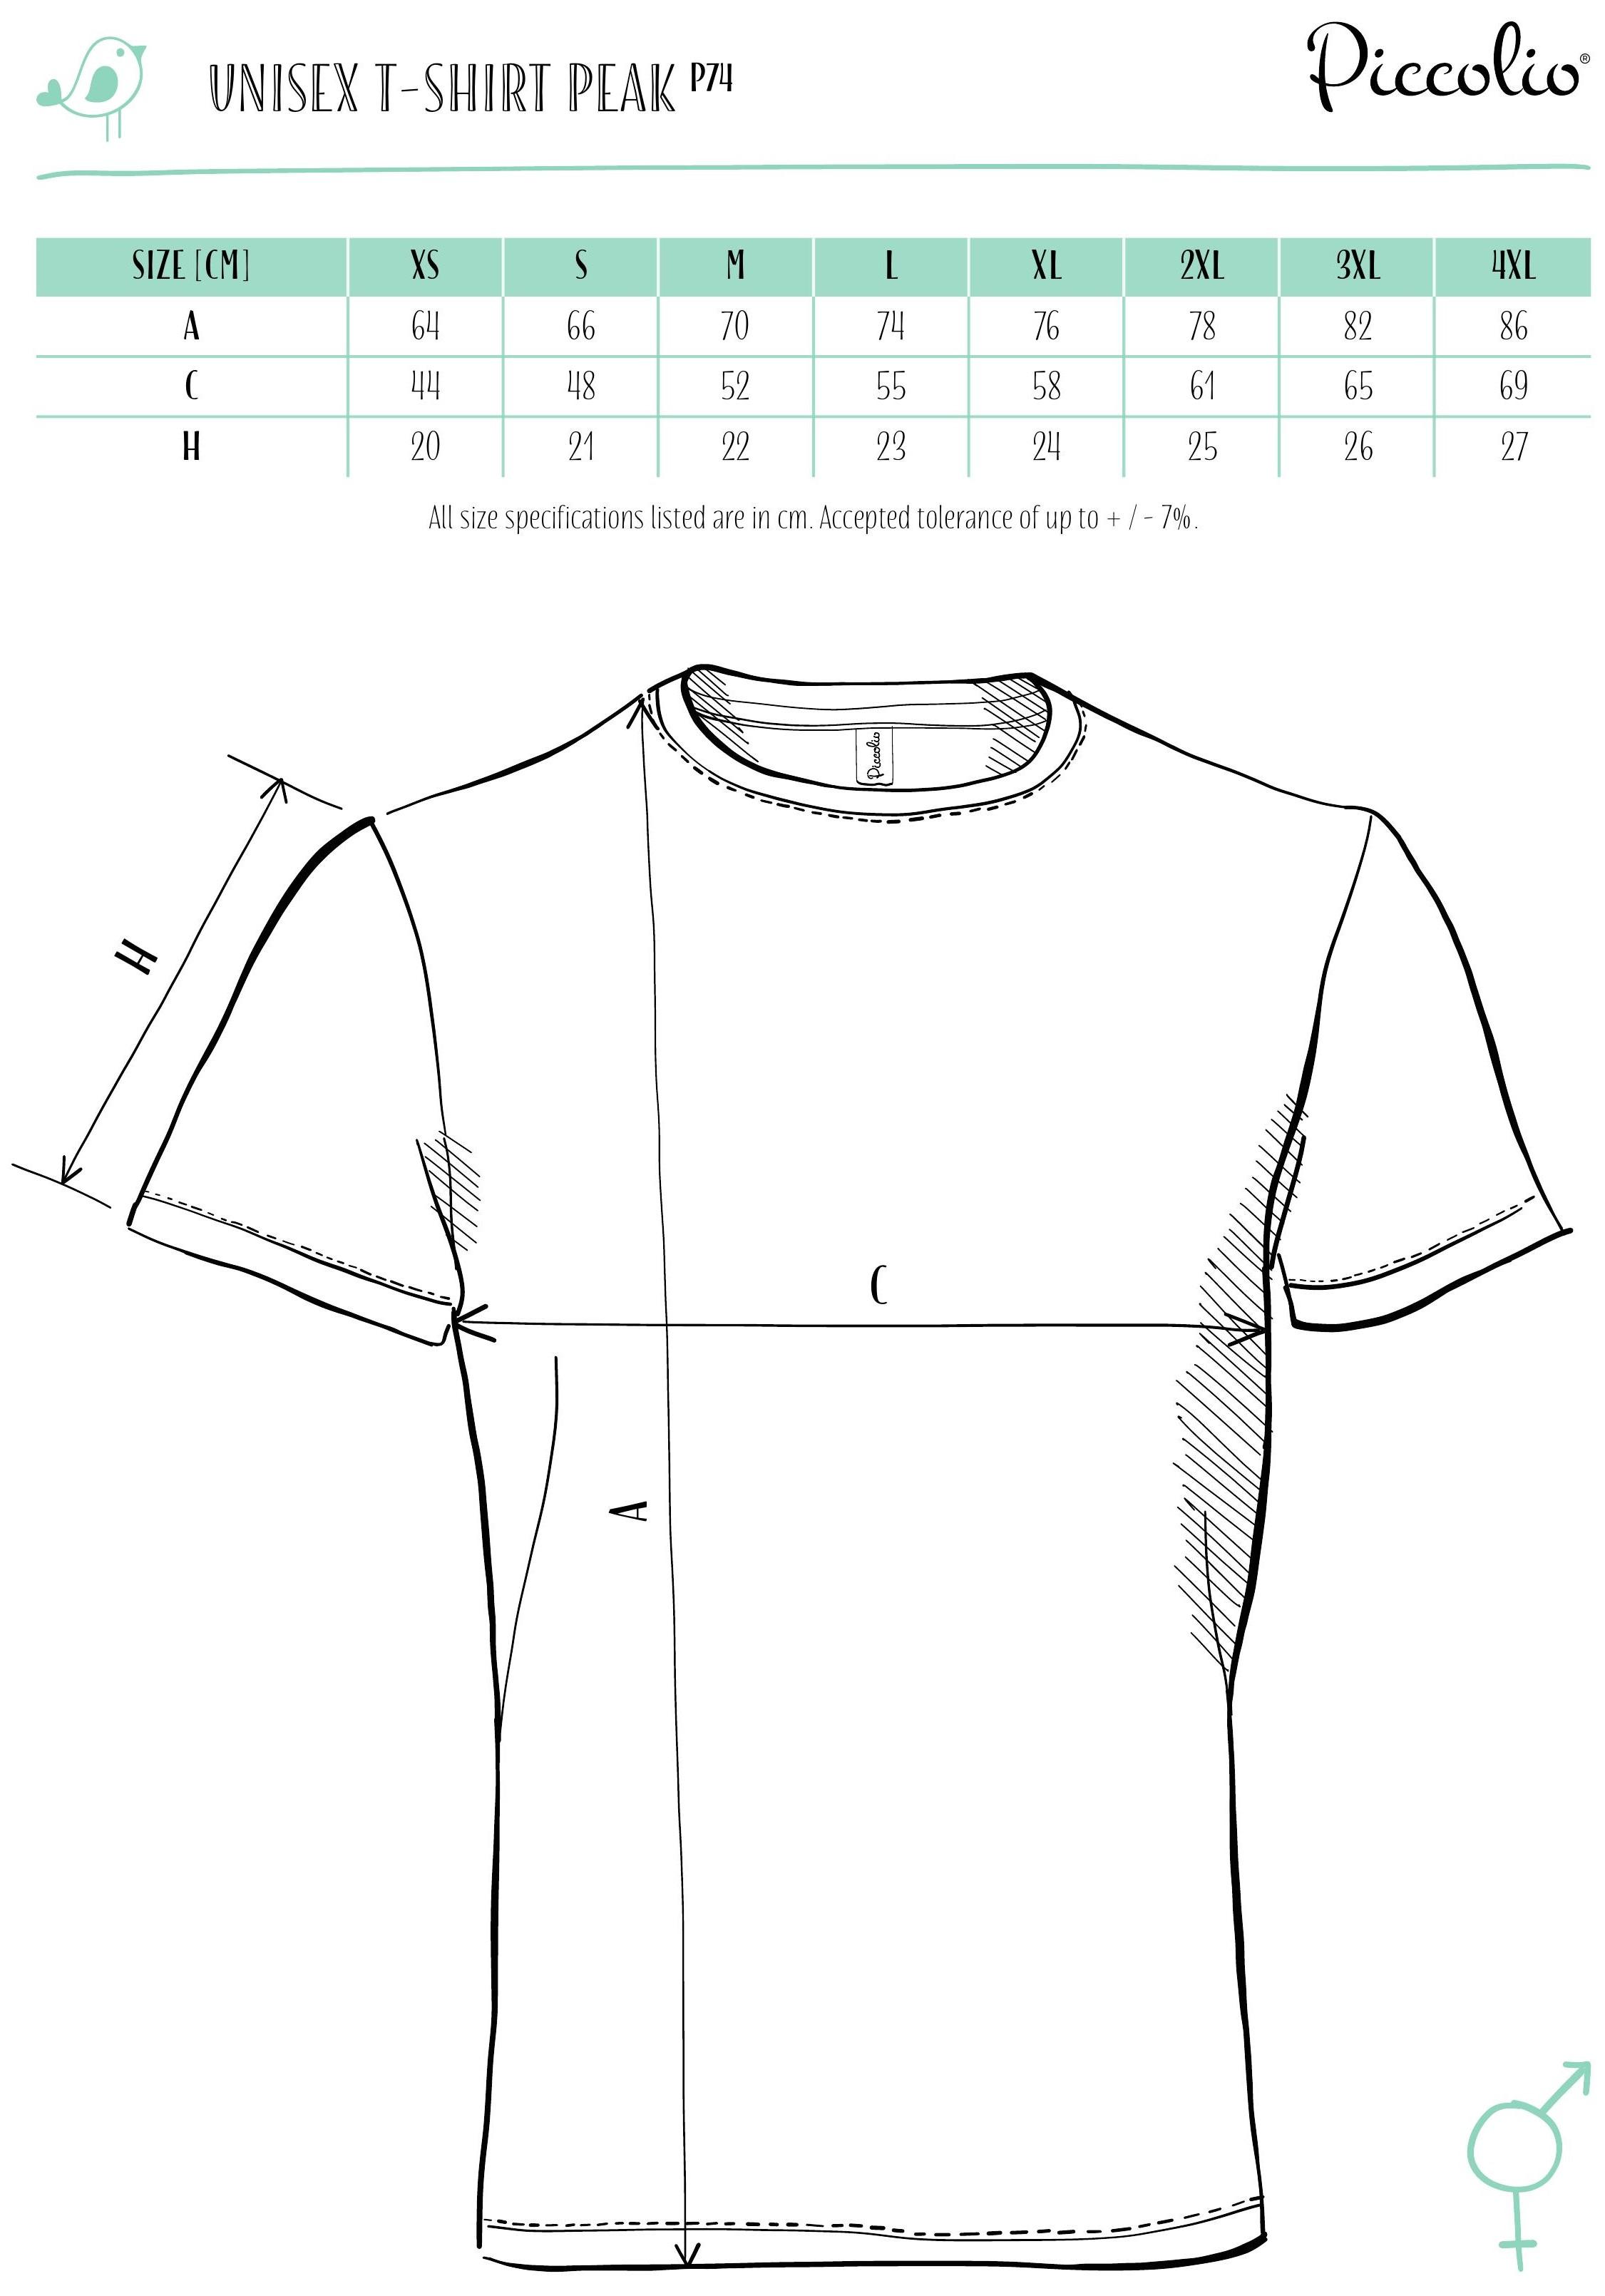 1ec68da6c33e Piccolio je nová kolekce reklamního textilu ADLER otevřená vašim smělým  nápadům a vstřícná k vaší peněžence. Uvidíte